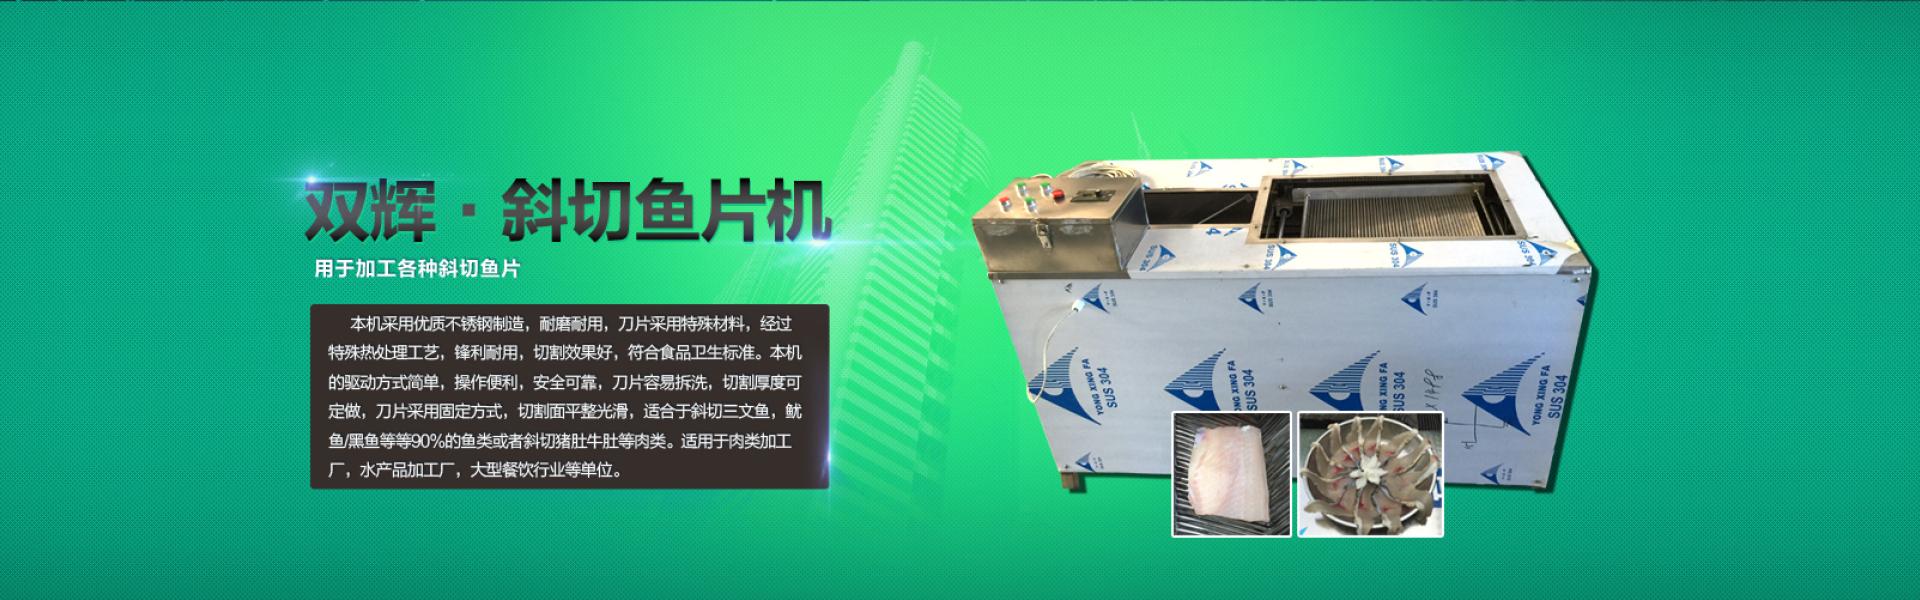 肇庆市鼎湖双辉机械有限公司主要生产:切肉机,切菜机,杀鱼机,切菜机小型,剥皮机。